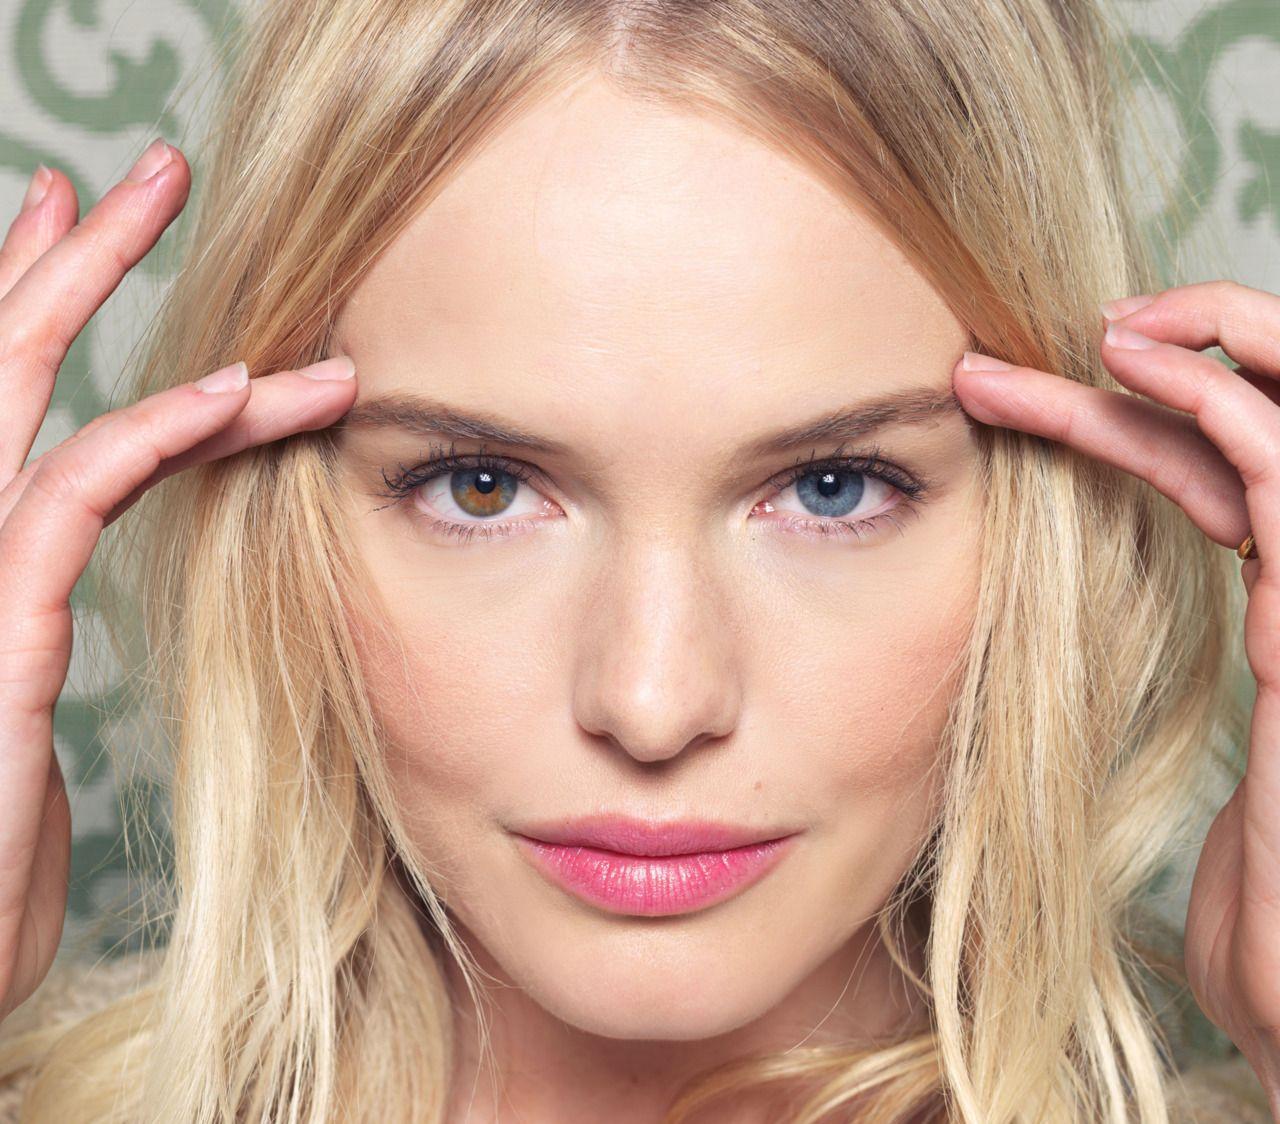 Kate Bosworth ögonfärg olika färger på ögonen heterokromi